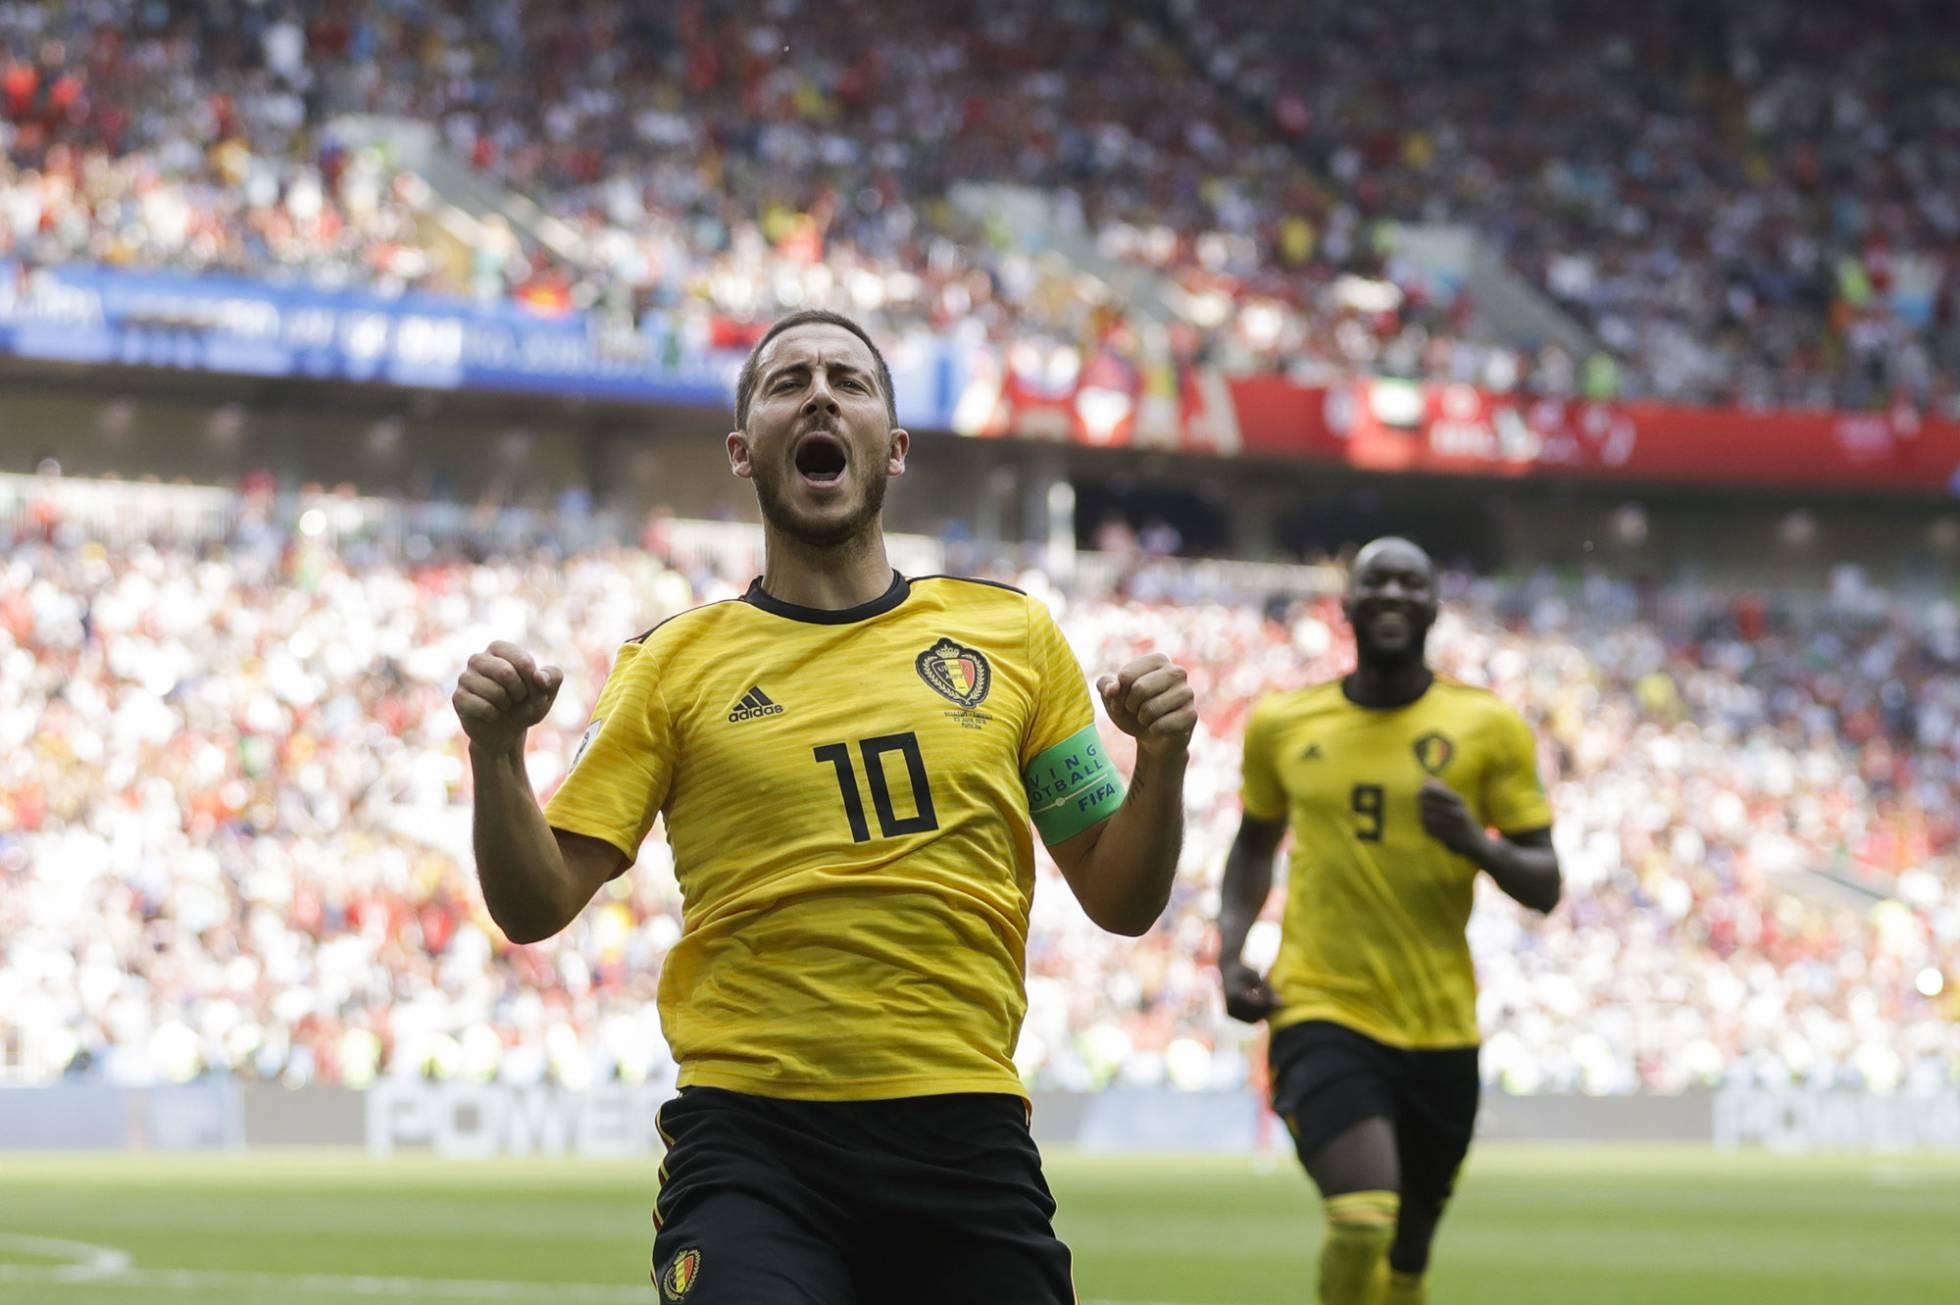 Hazard celebra el cuarto gol de Bélgica, con Lukaku en segundo término. MATTHIAS SCHRADER AP